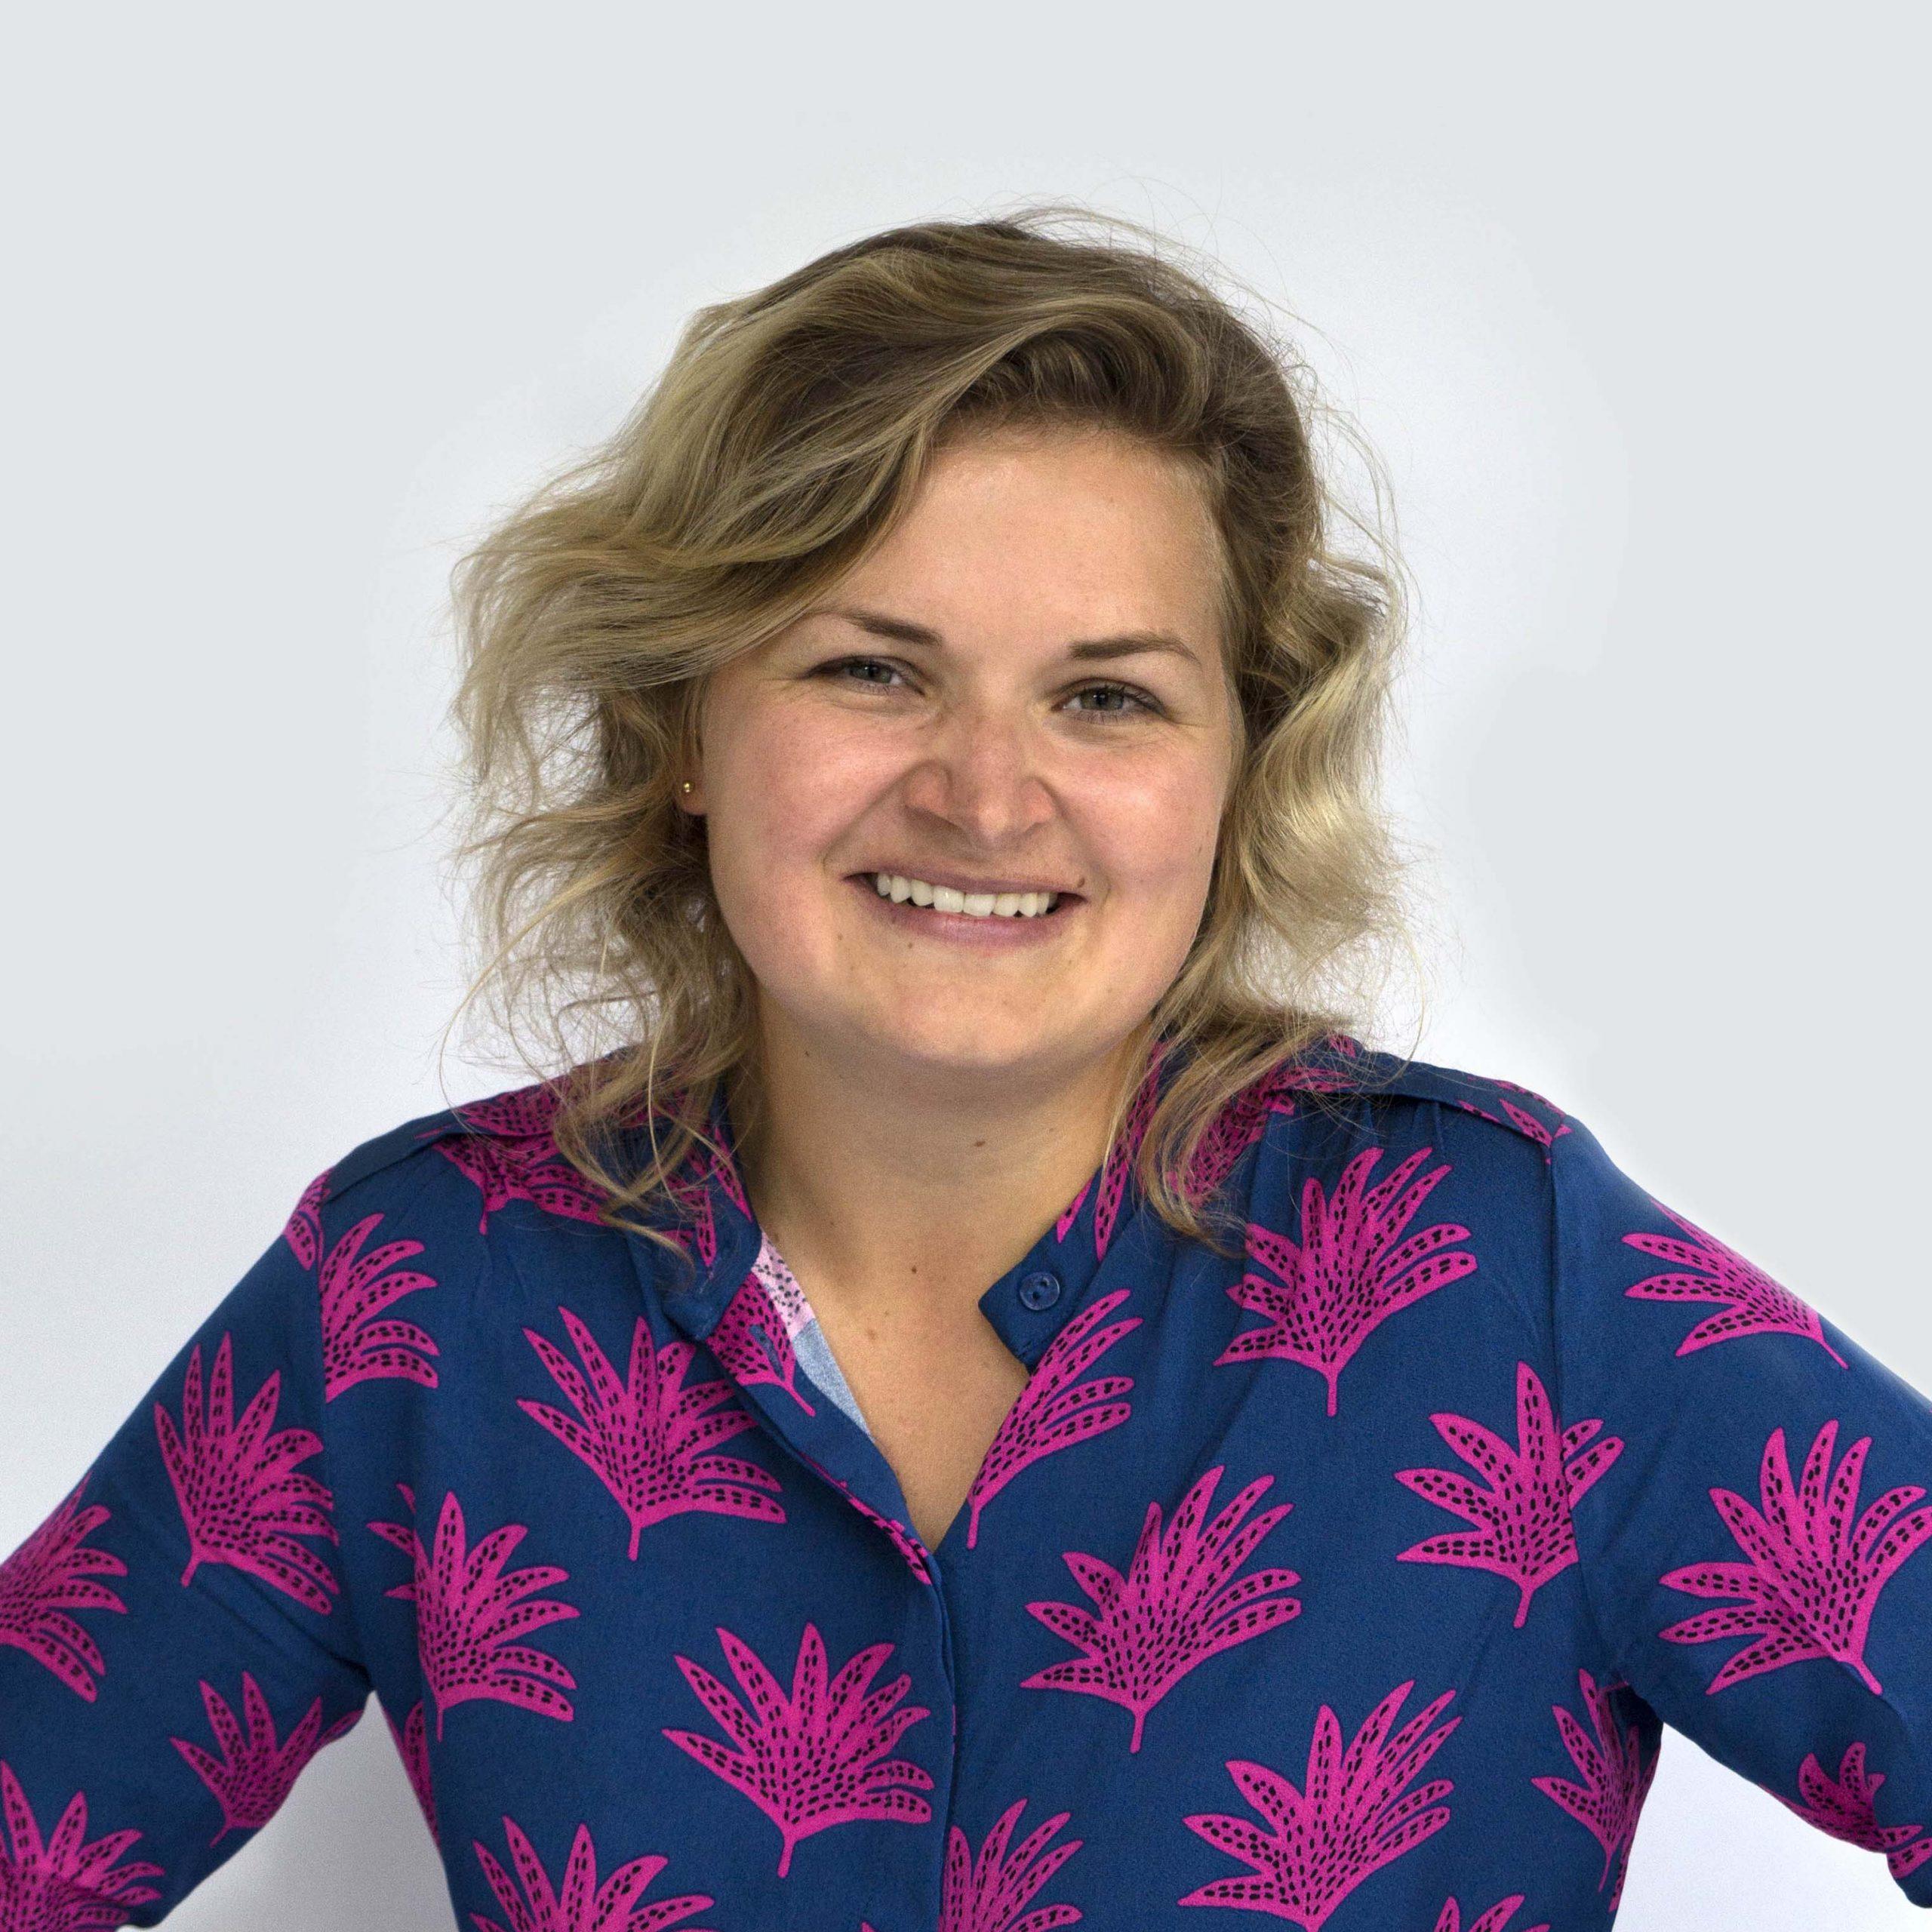 Gwendolyn Timmermans